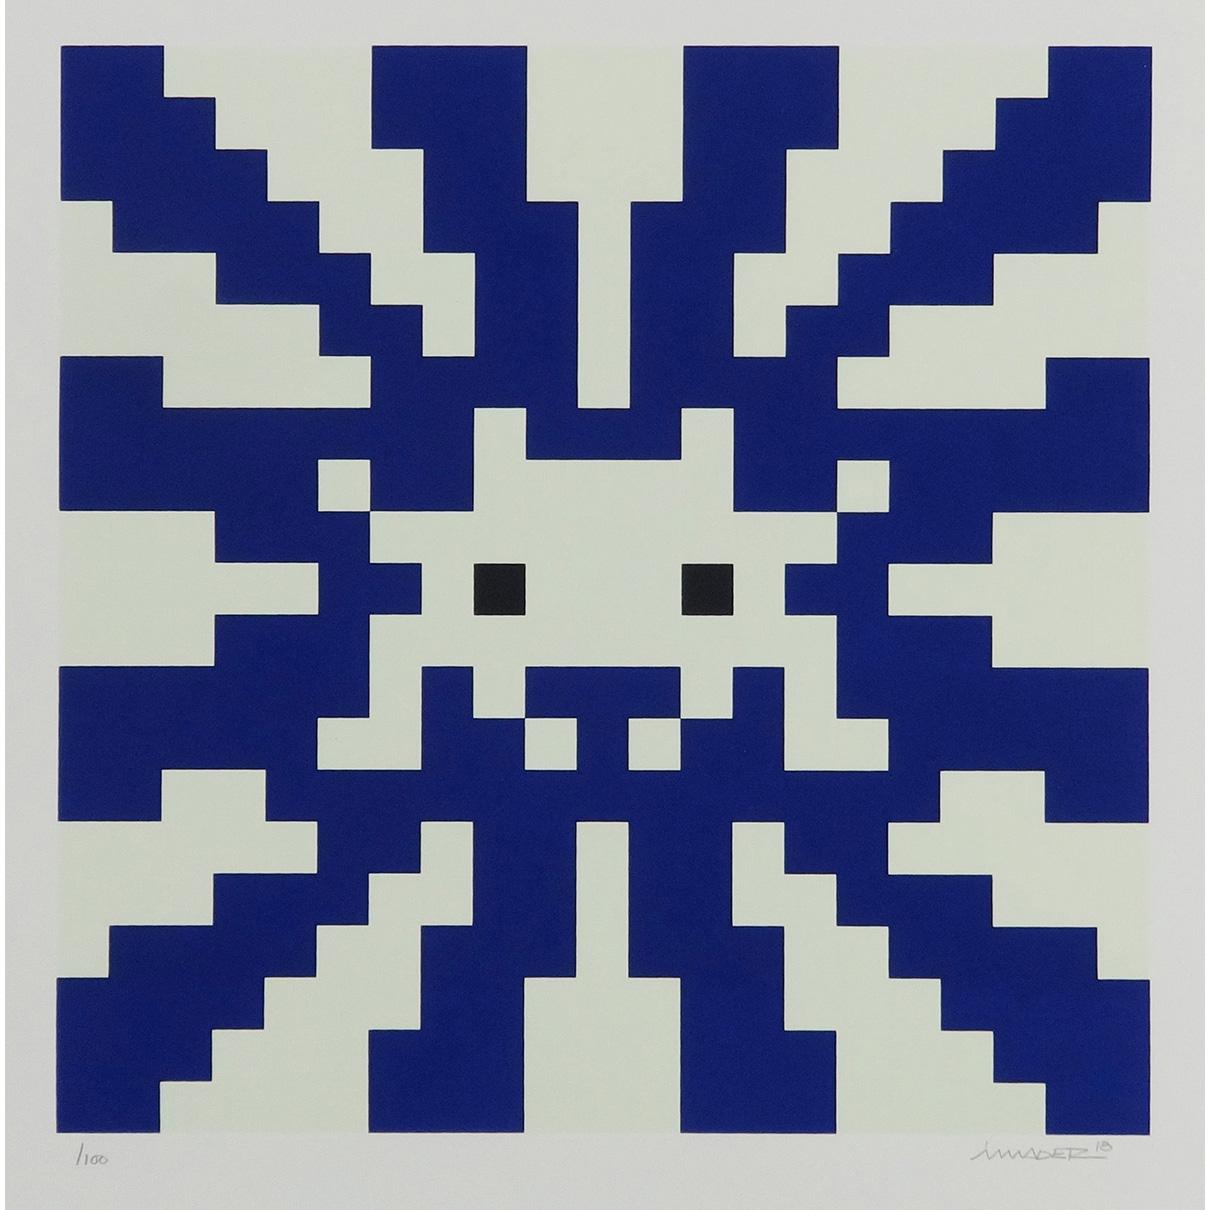 サンセット・ブルー&ホワイト